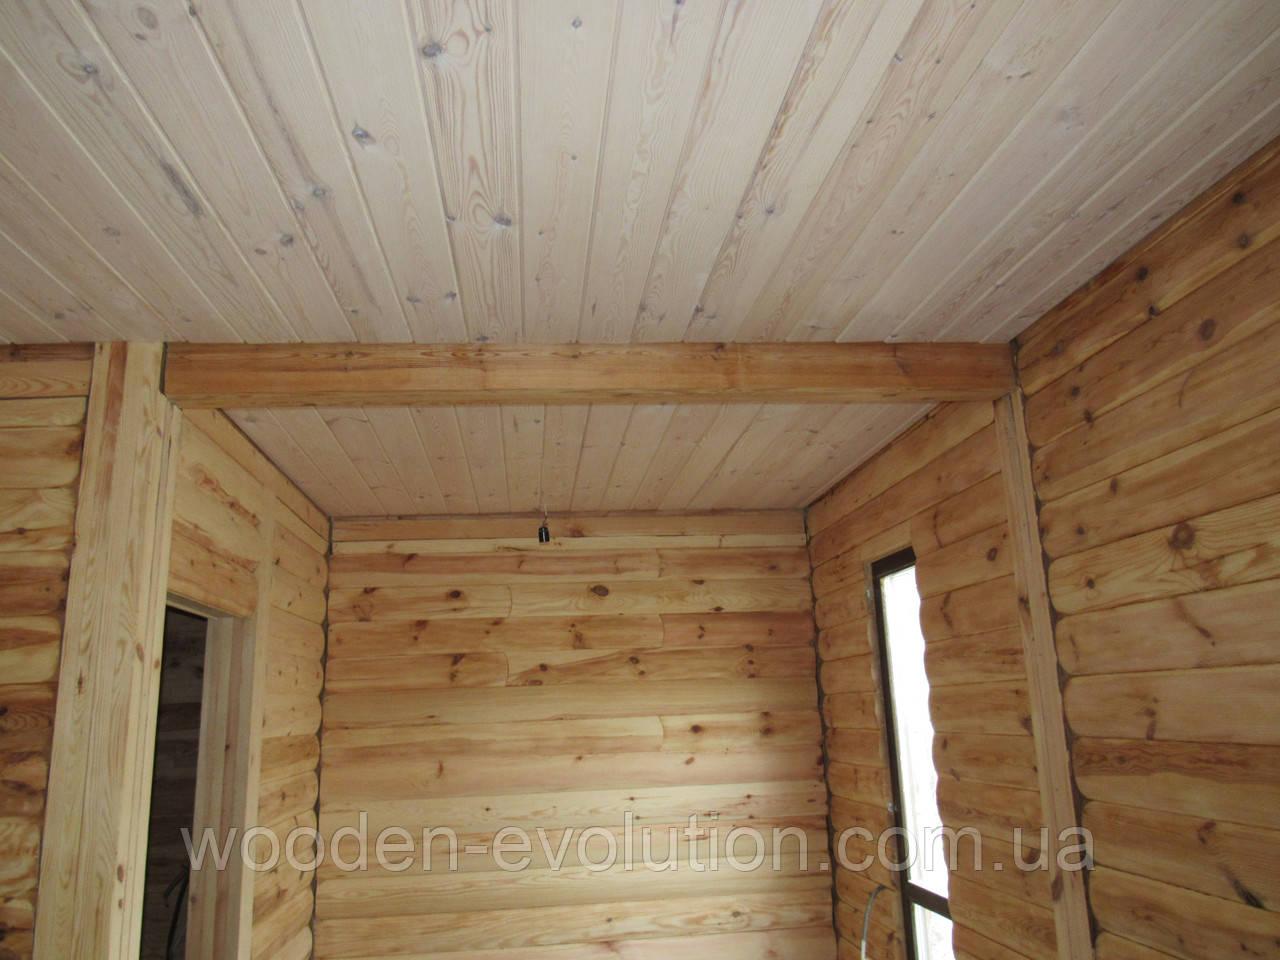 Антисептична обробка дерев'яного будинку, зрубу